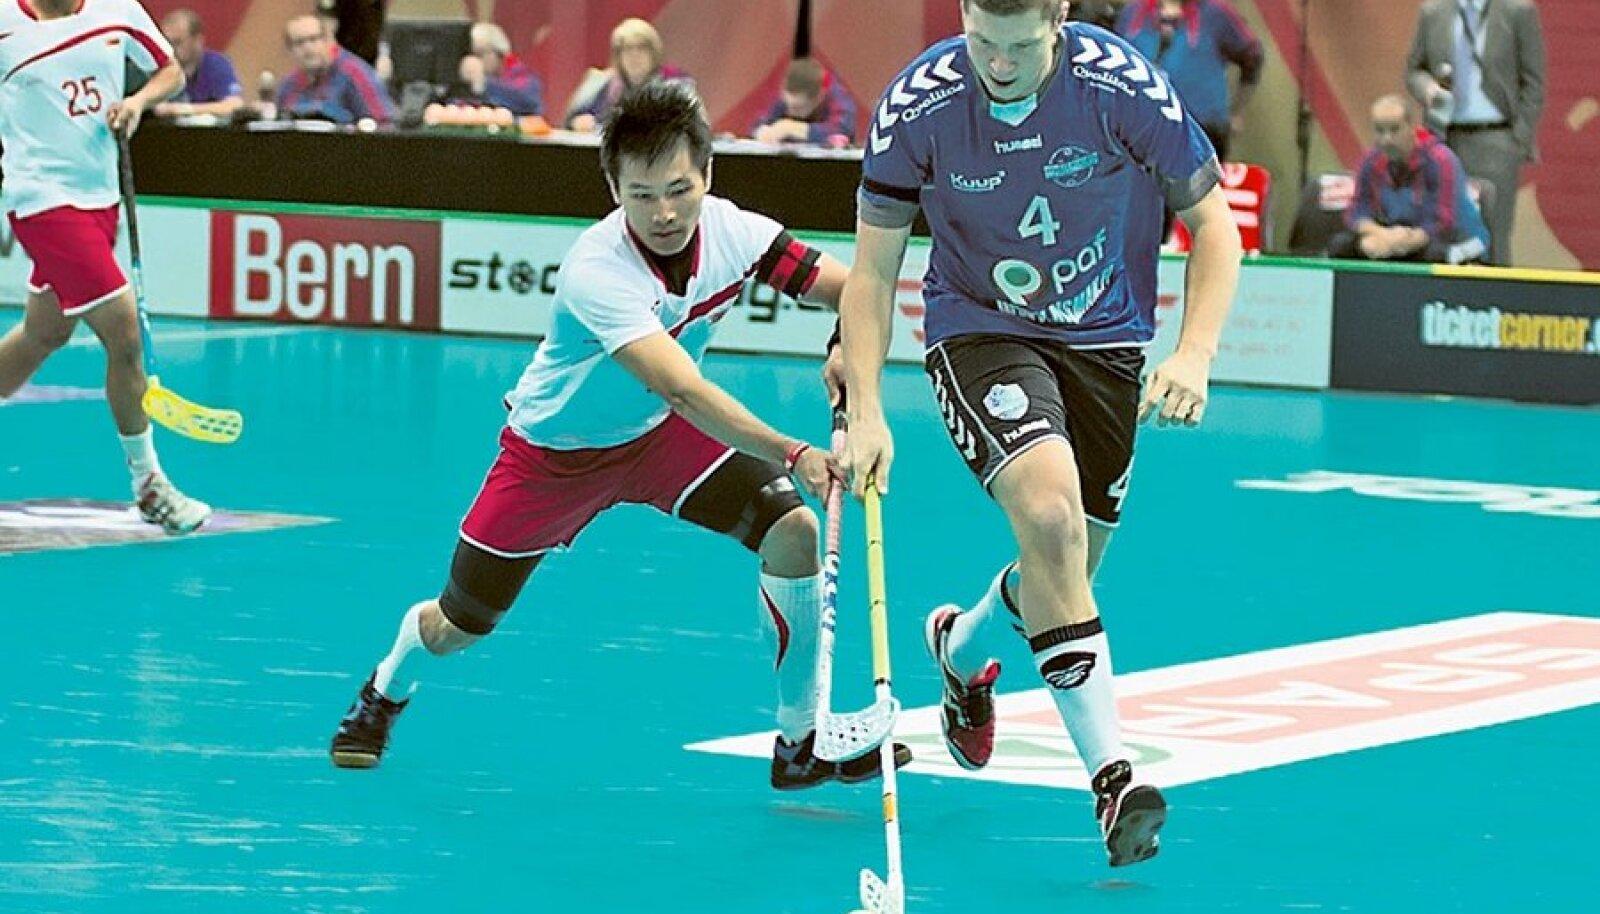 Singapurist ei olnud Eesti saalihokikoondisele vastast.Foto: www.wfc2012.ch